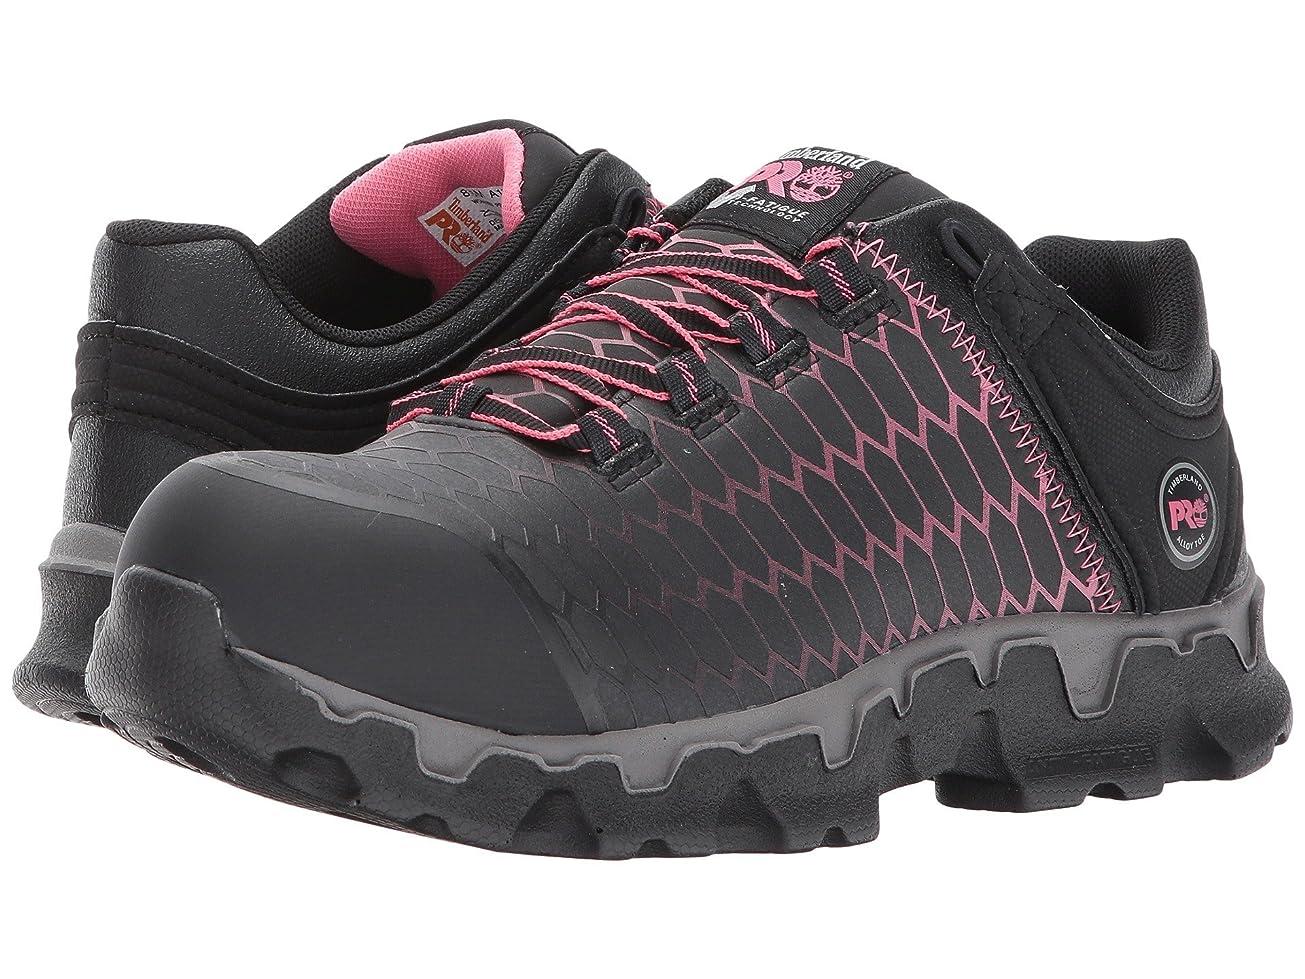 促進する溶岩マンモス[Timberland(ティンバーランド)] レディースウォーキングシューズ?カジュアルスニーカー?靴 Powertrain Sport Alloy Safety Toe EH Black/Pink Raptek 5.5 (22.5cm) C - Wide [並行輸入品]